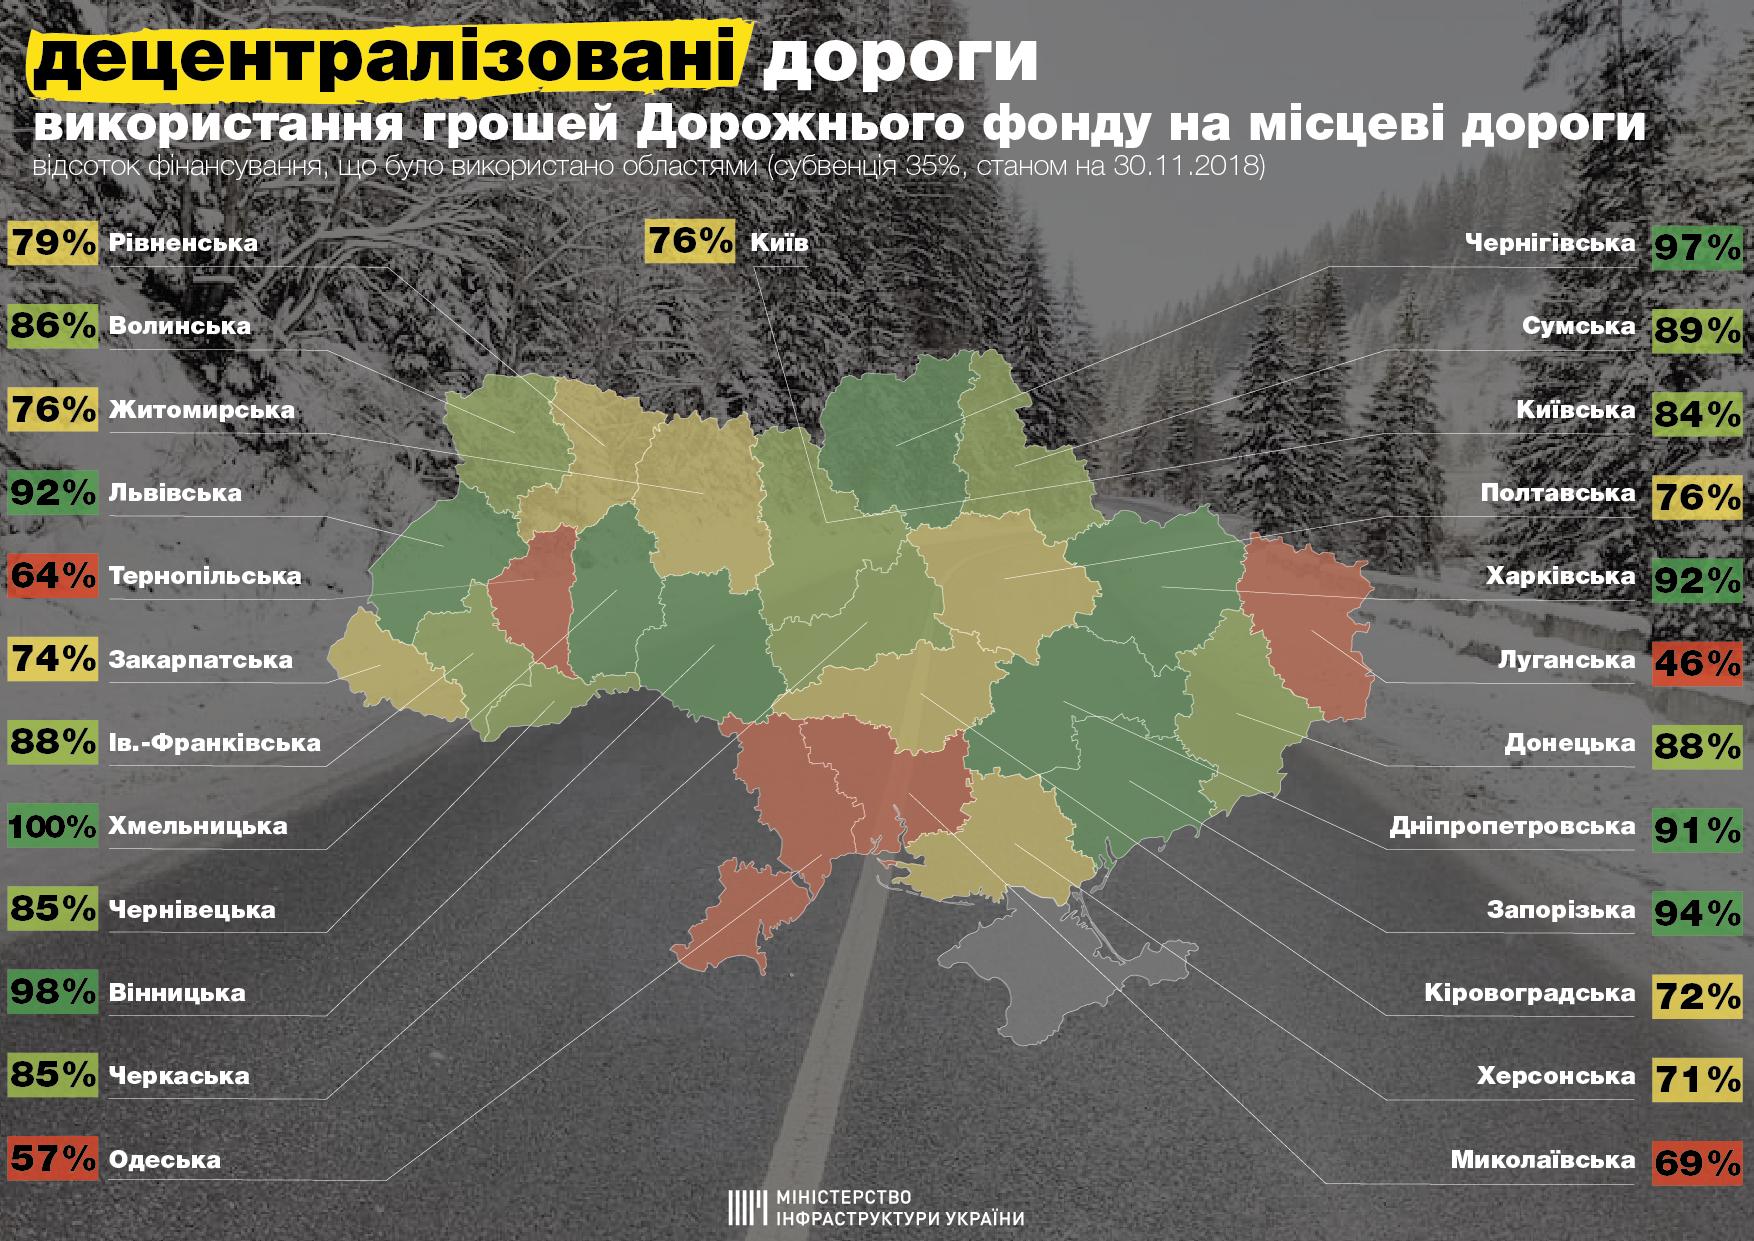 Статистика Министерства инфраструктуры по освоению средств на ремонт дороги в областях